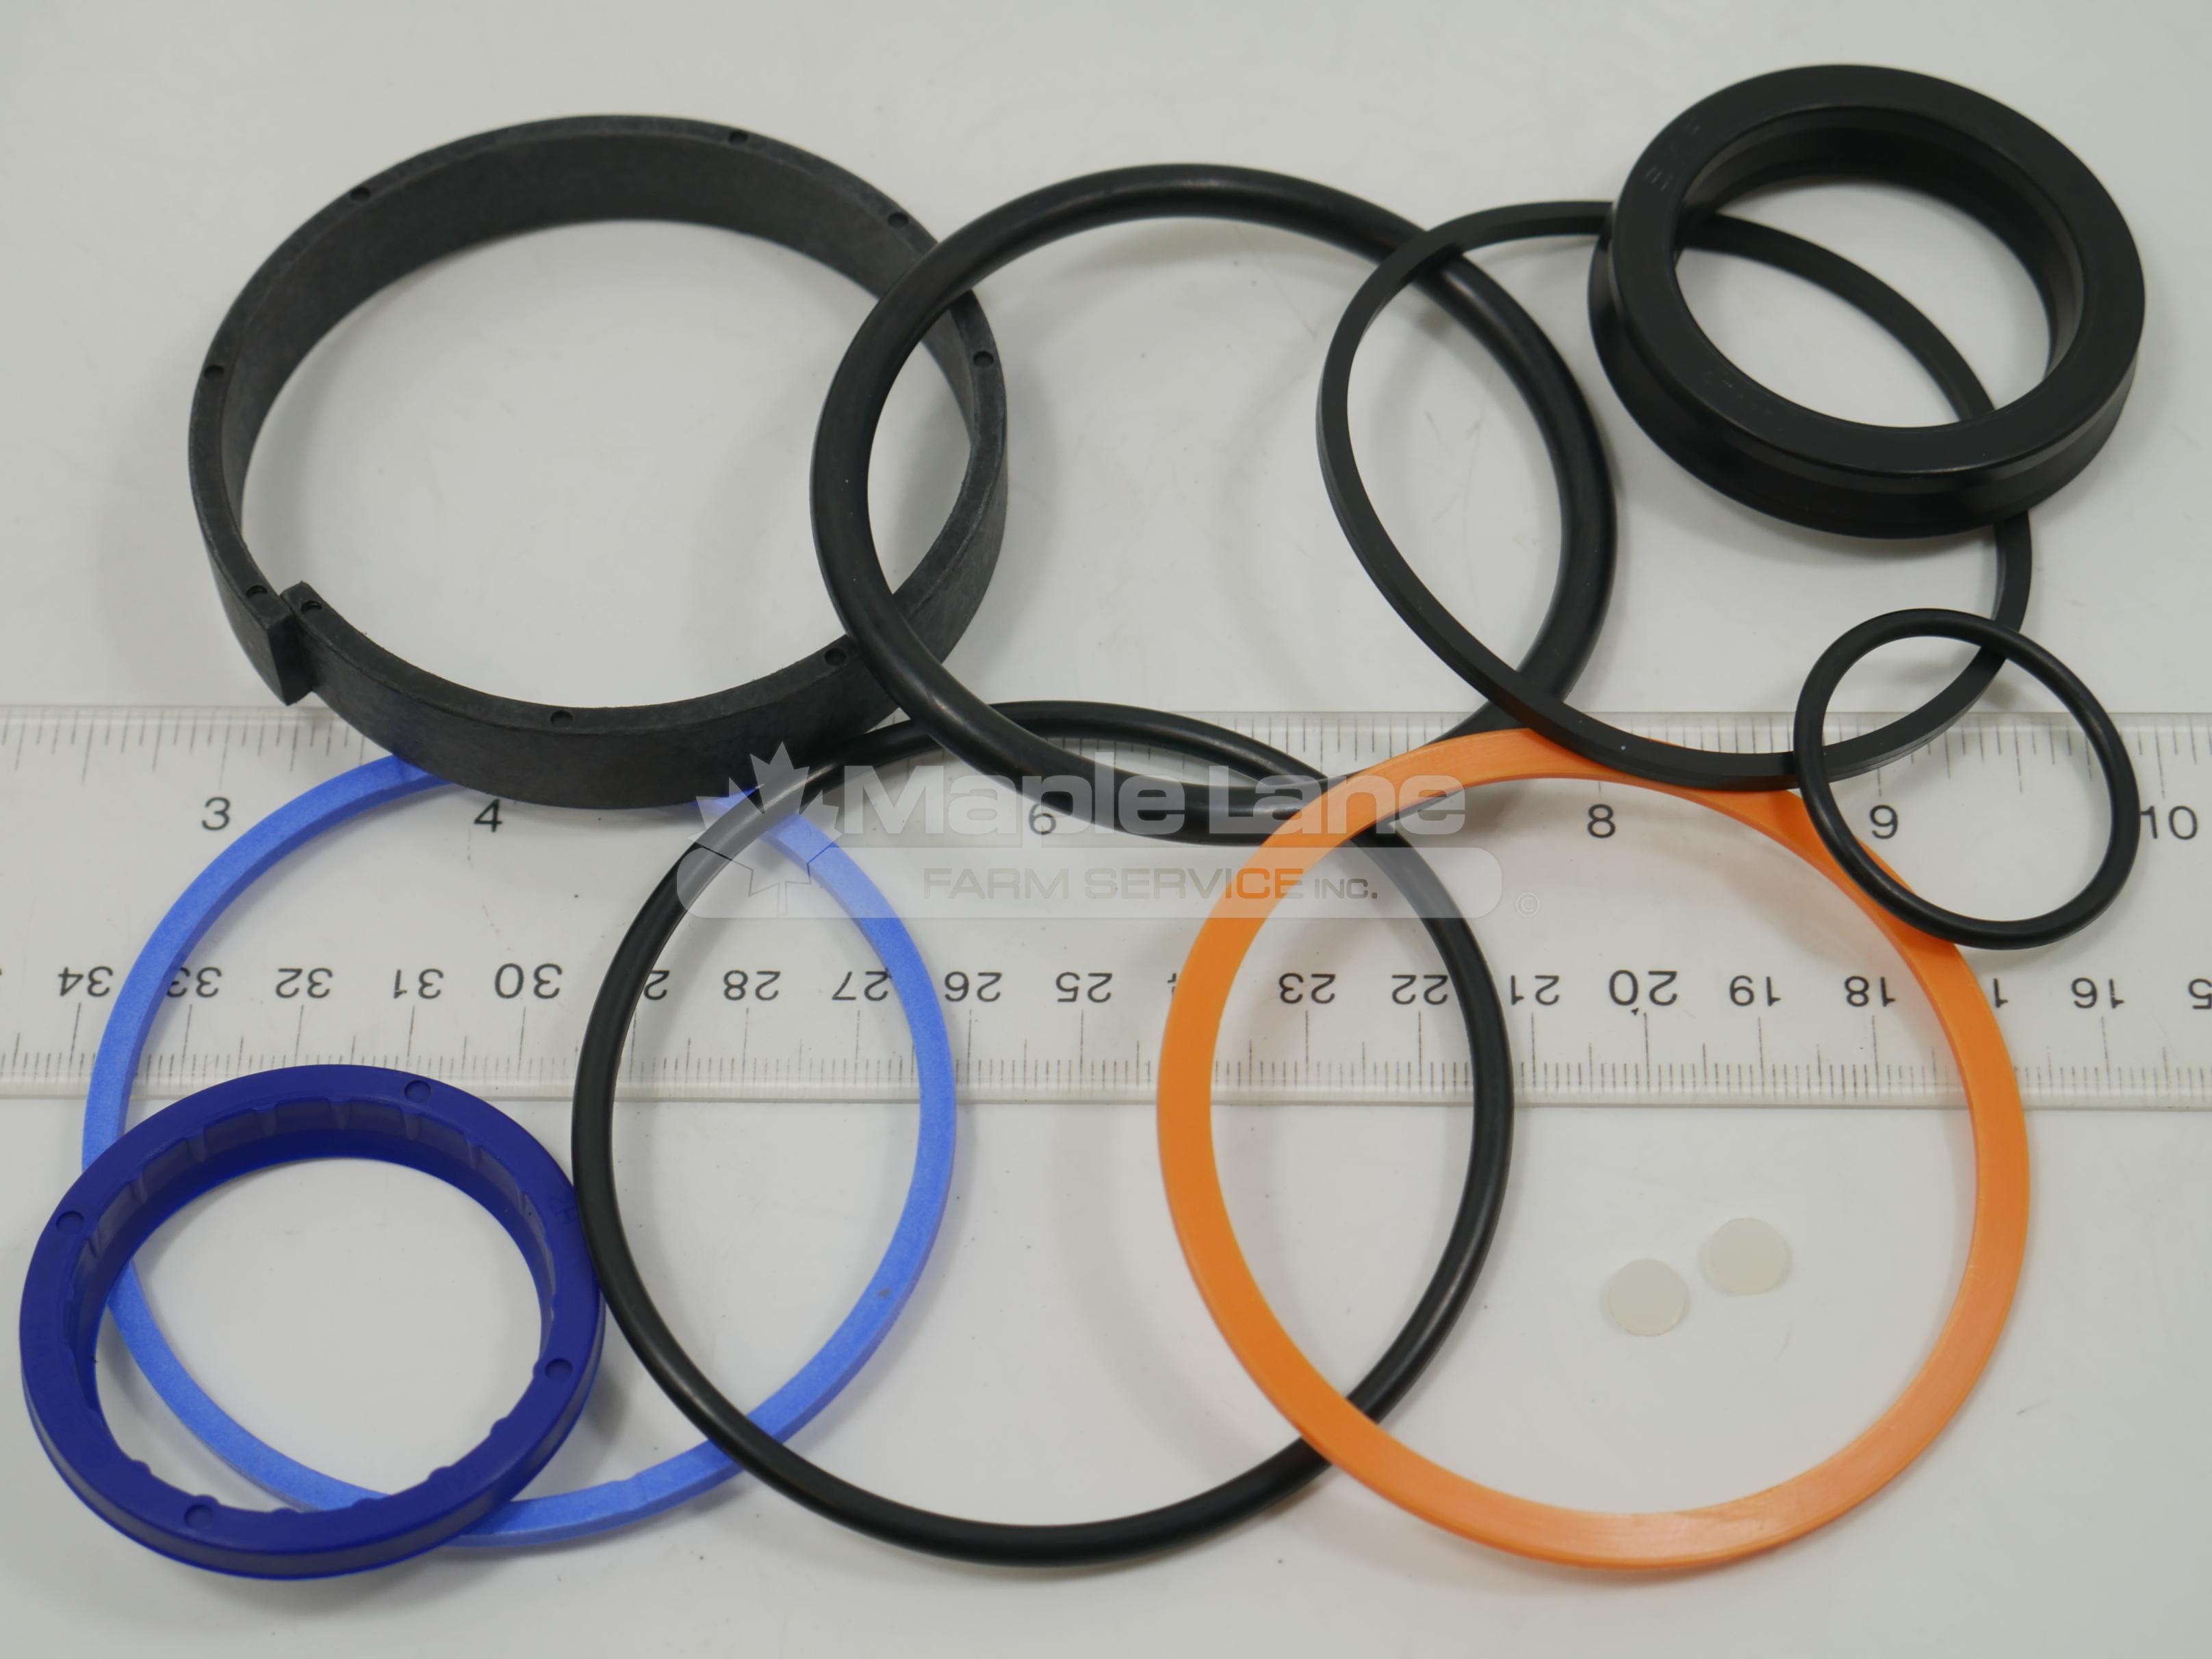 243200 Seal Kit